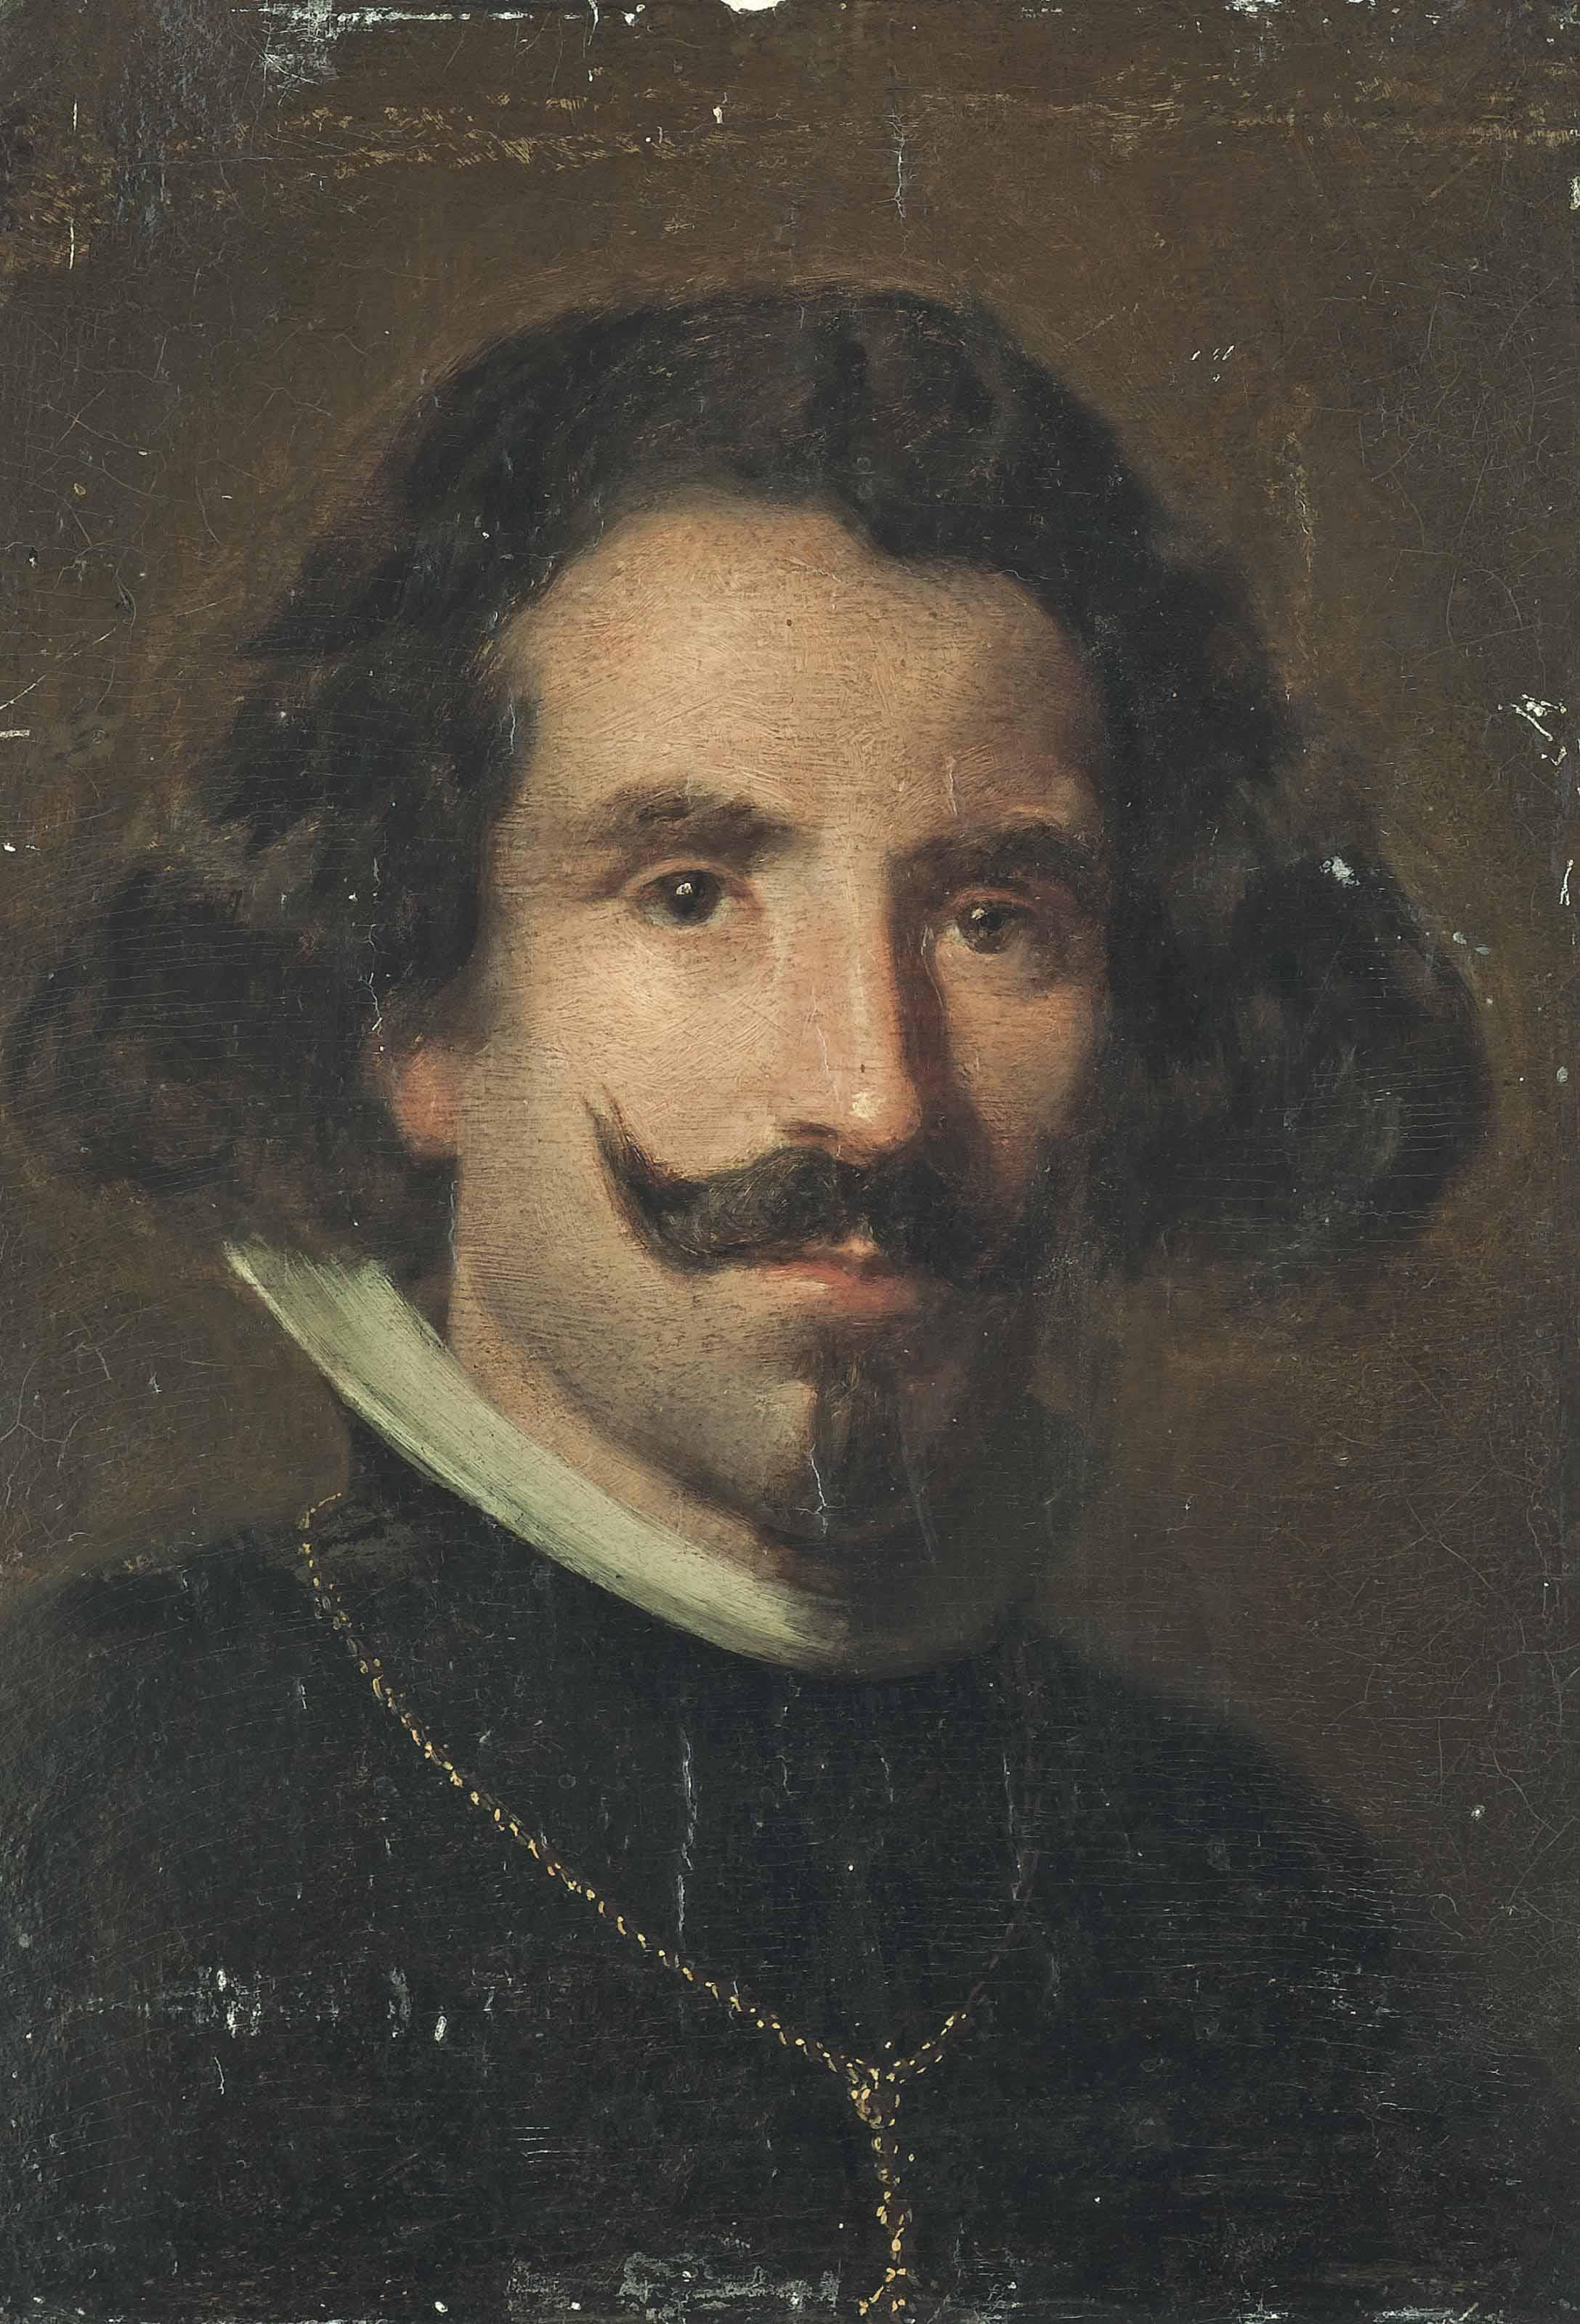 After Diego Rodriguez de Silva y Velázquez